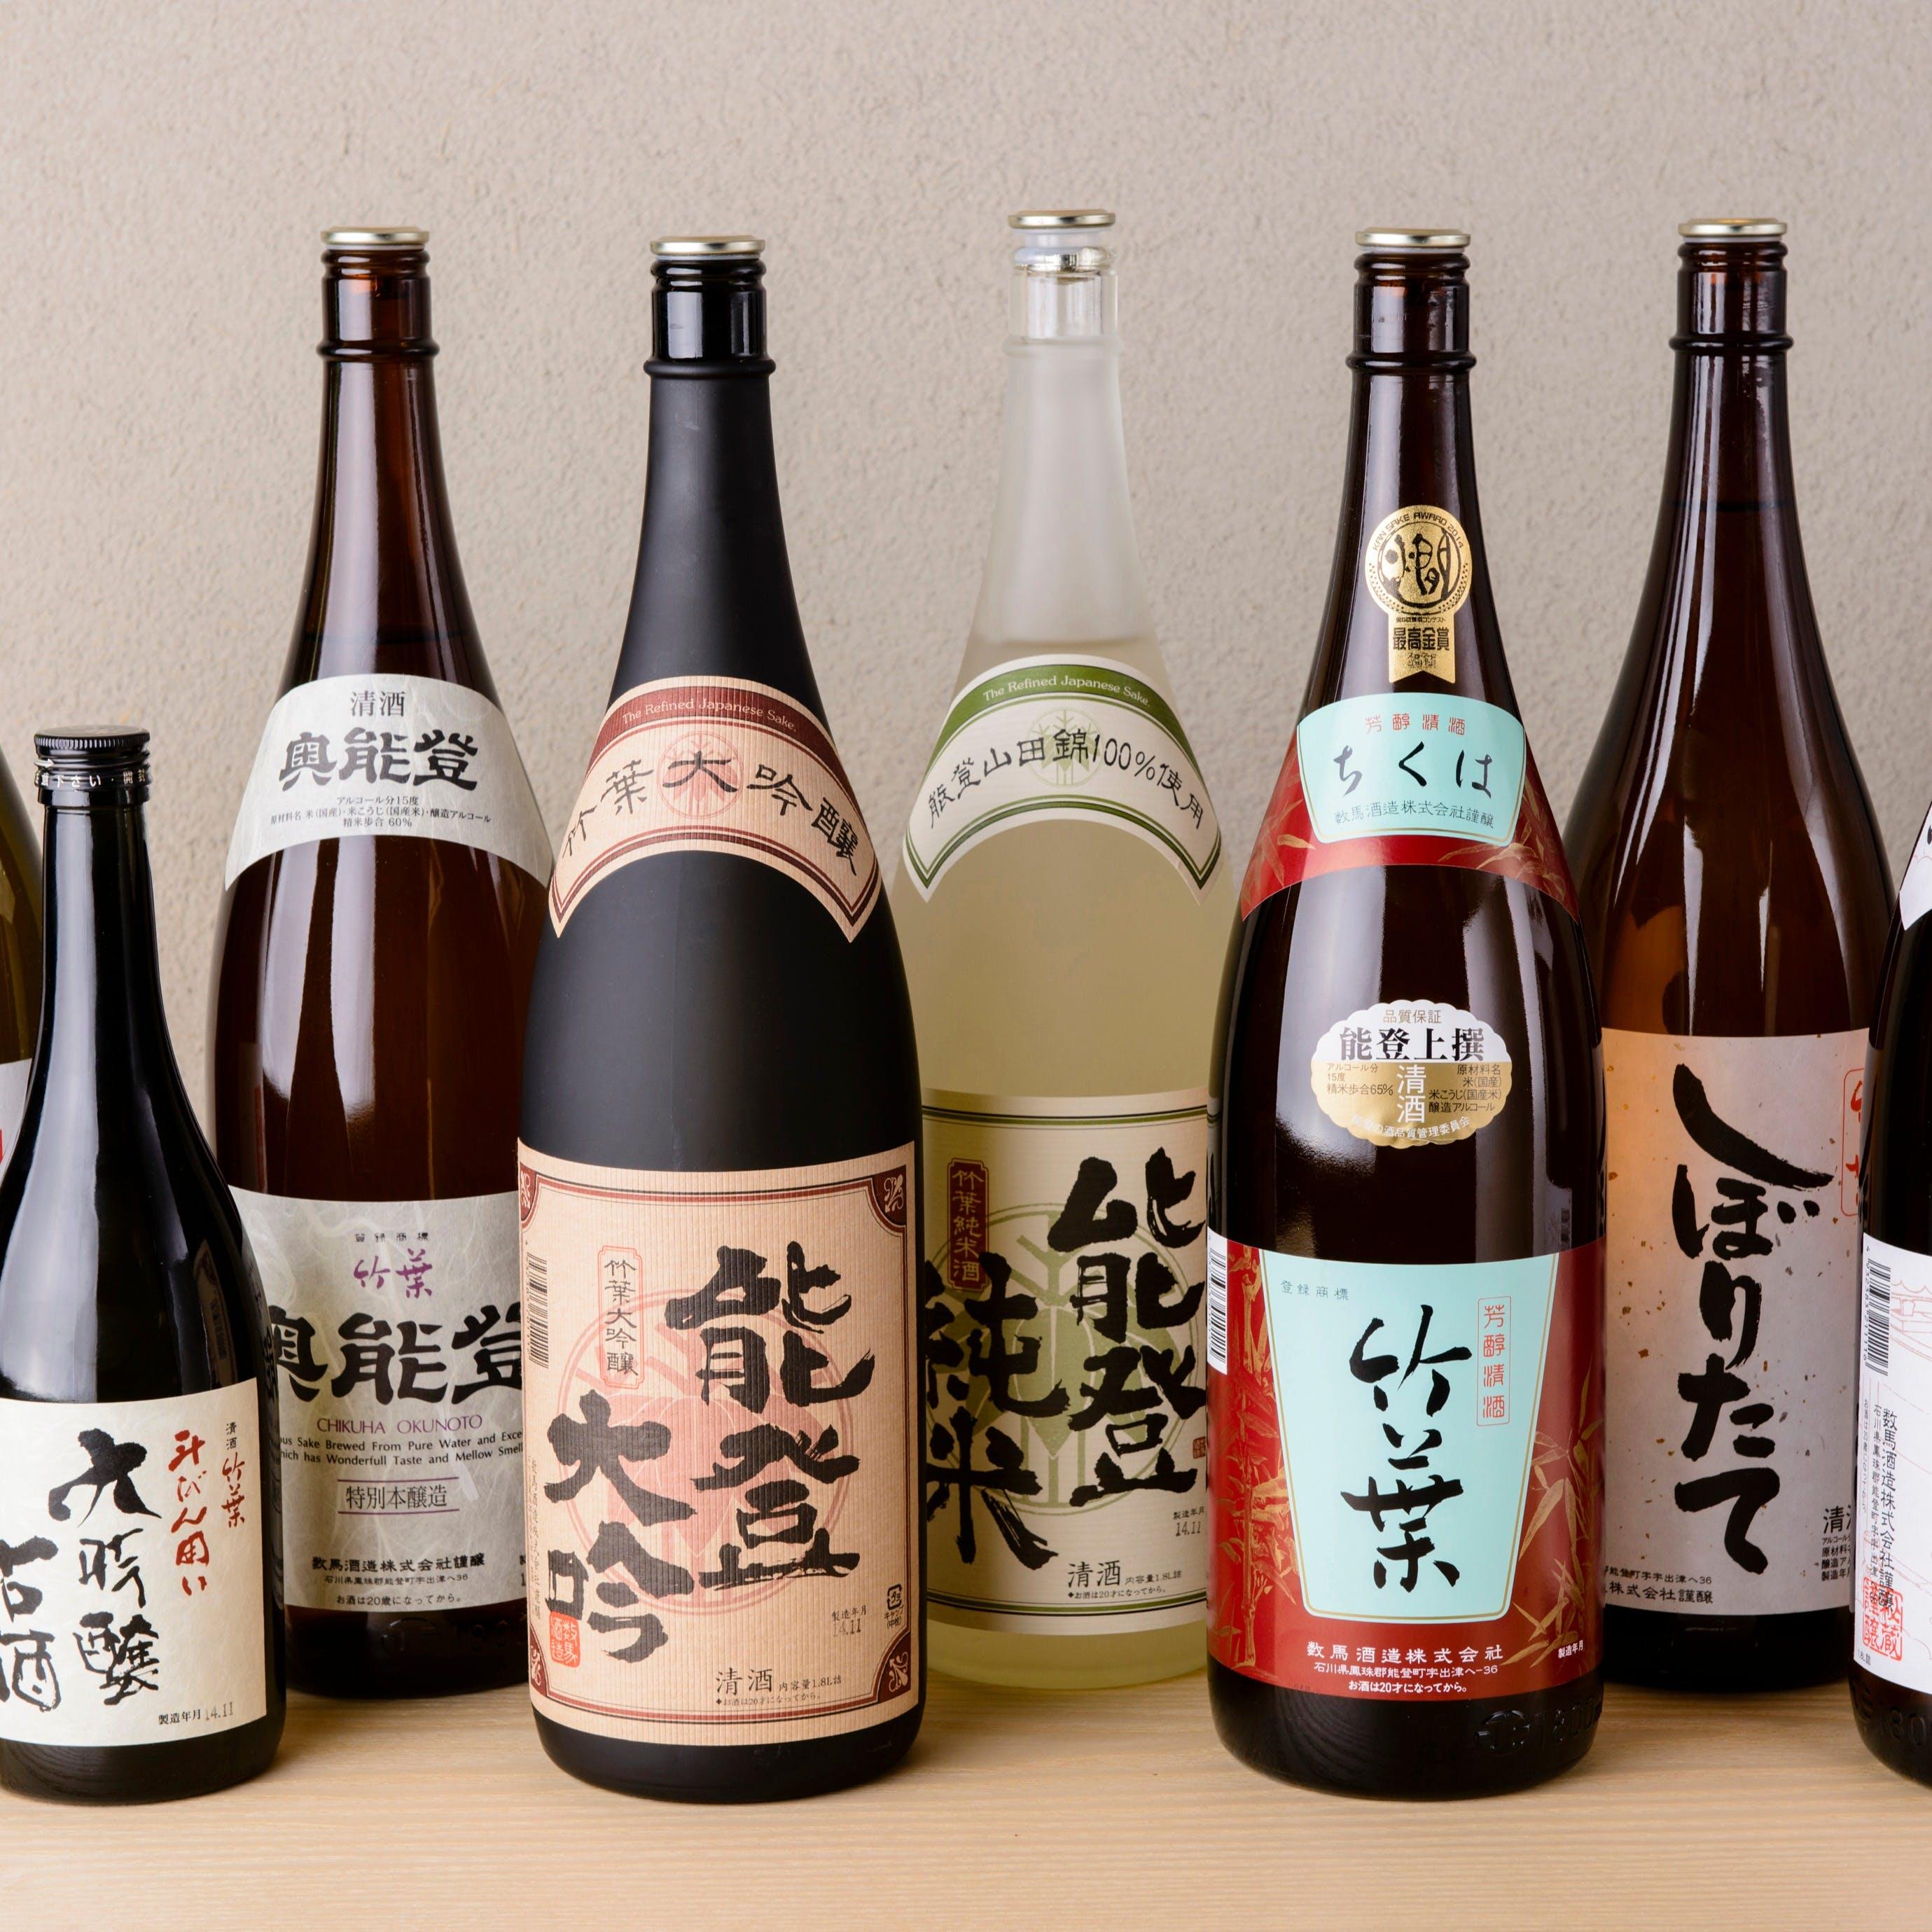 奥能登の酒蔵から届く、季節の地酒